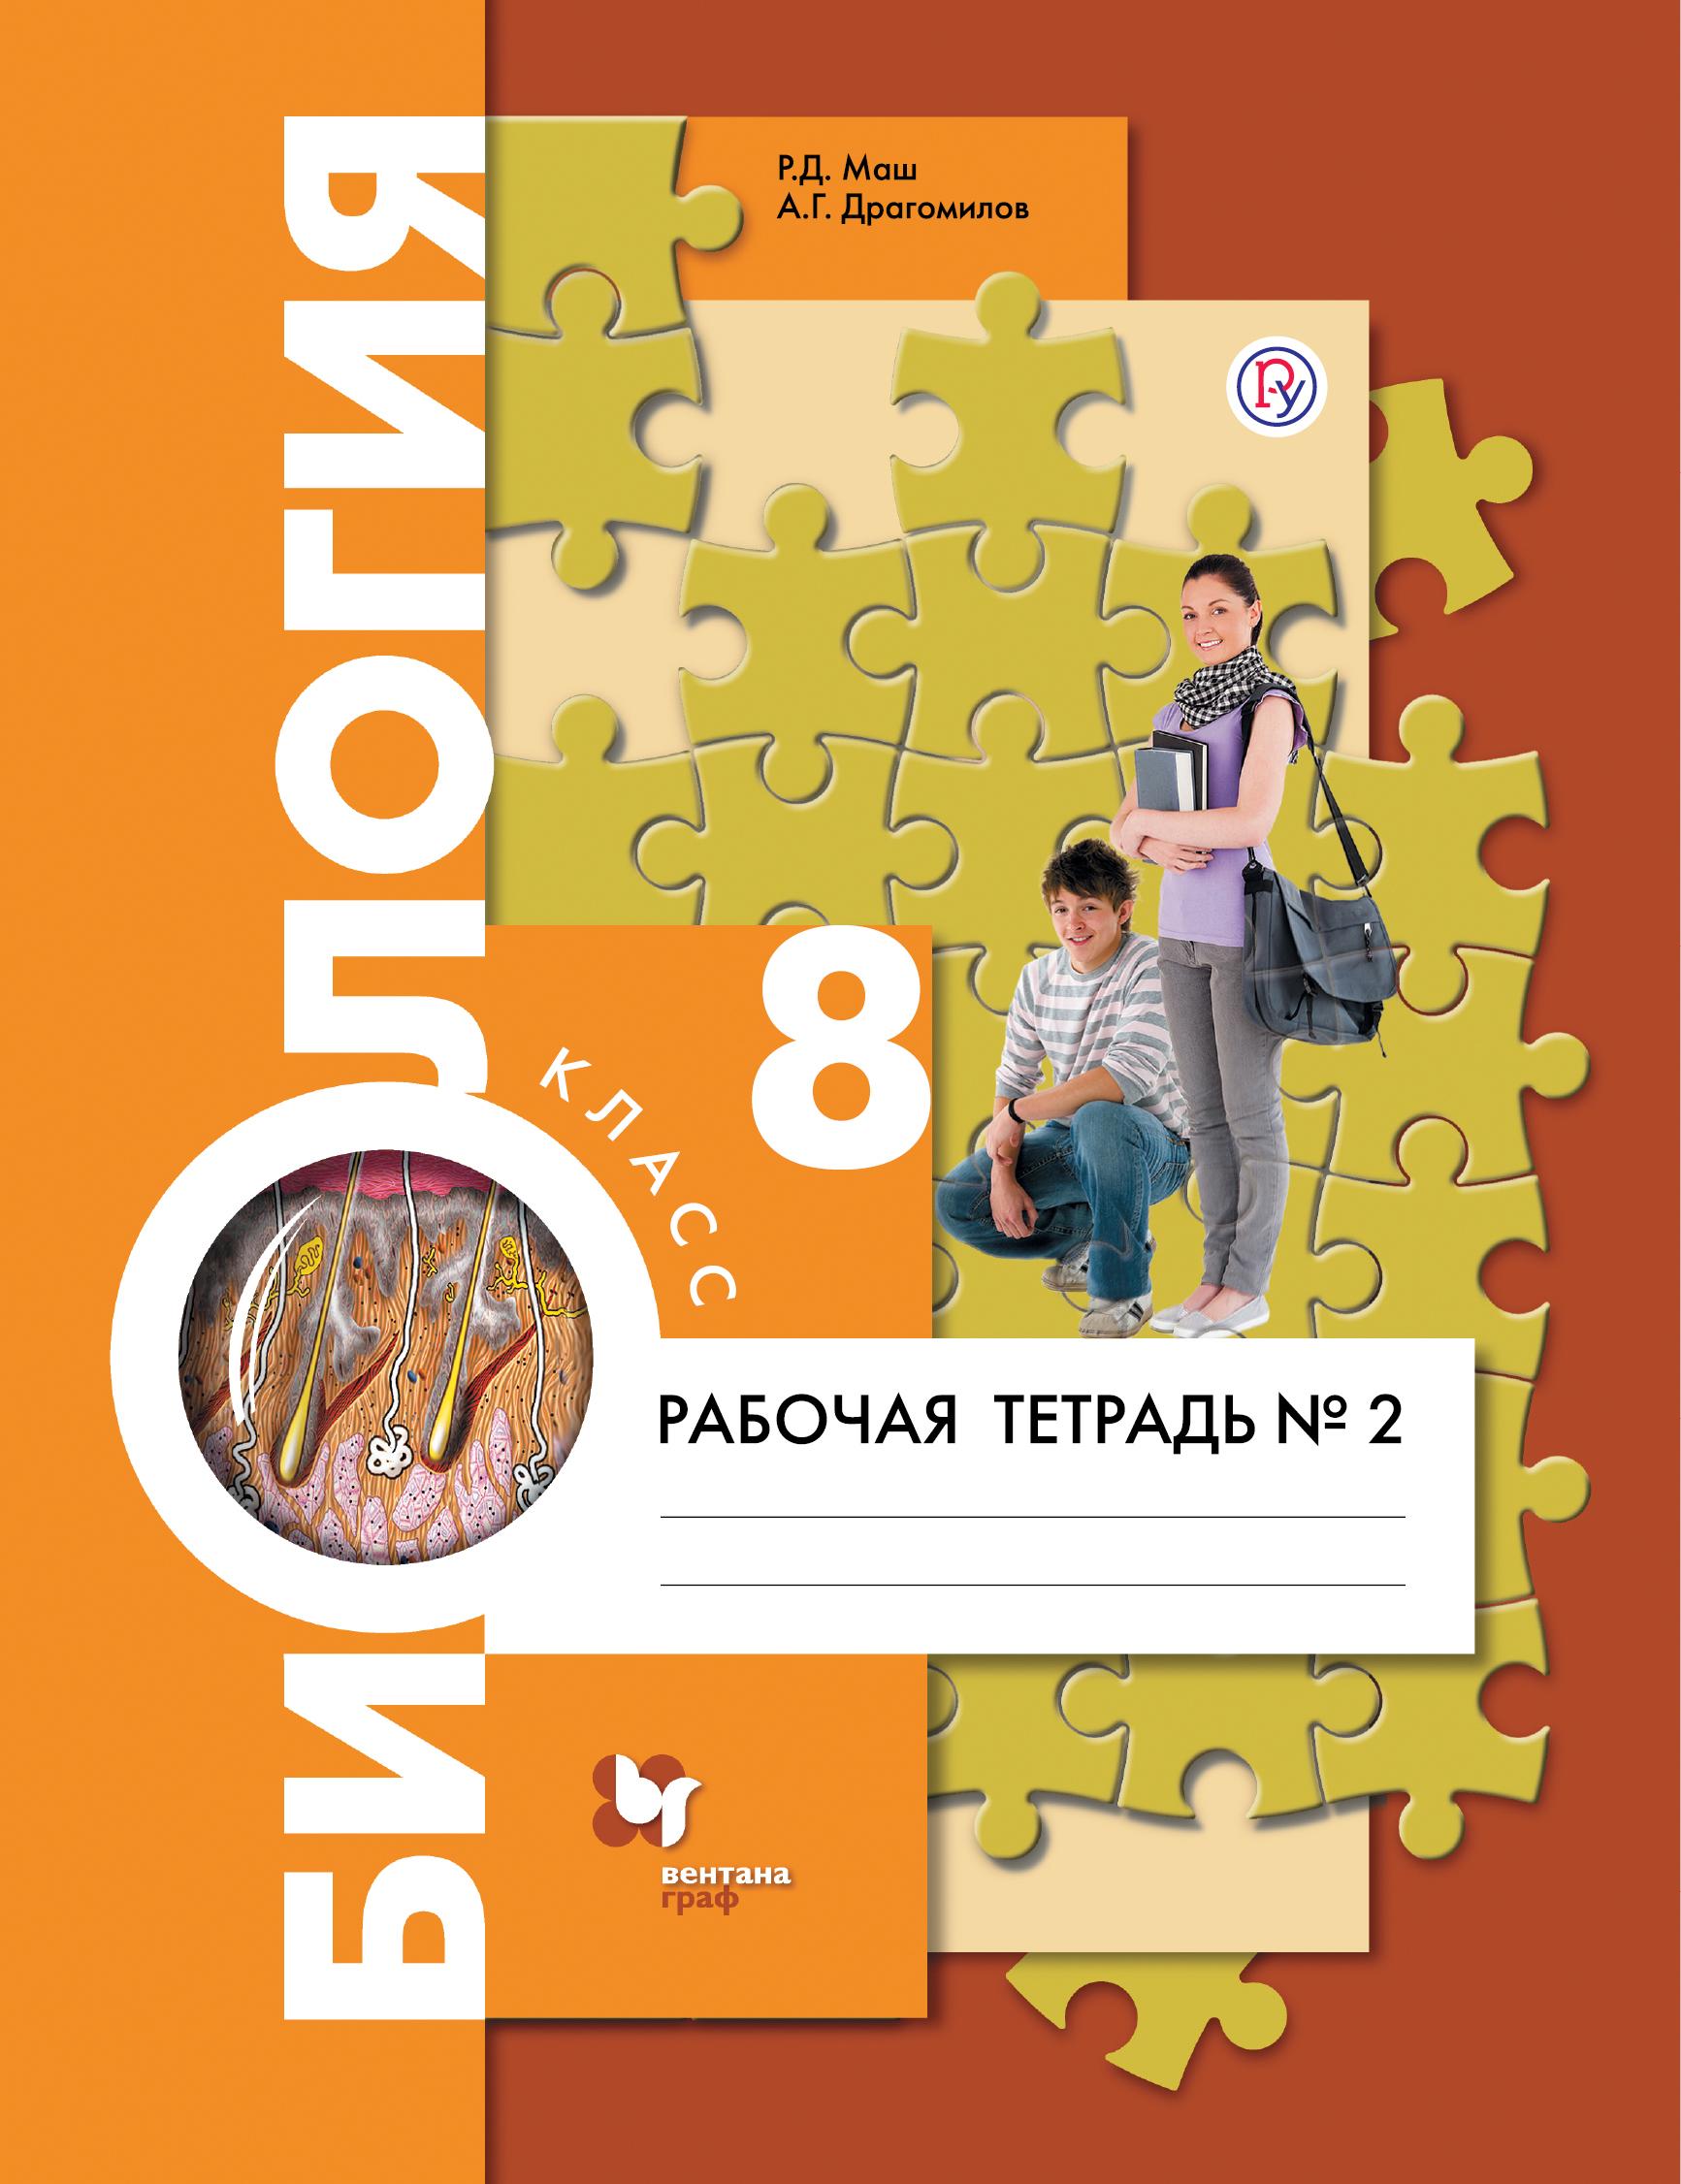 МашР.Д., ДрагомиловА.Г. Биология. 8класс. Рабочая тетрадь №2.